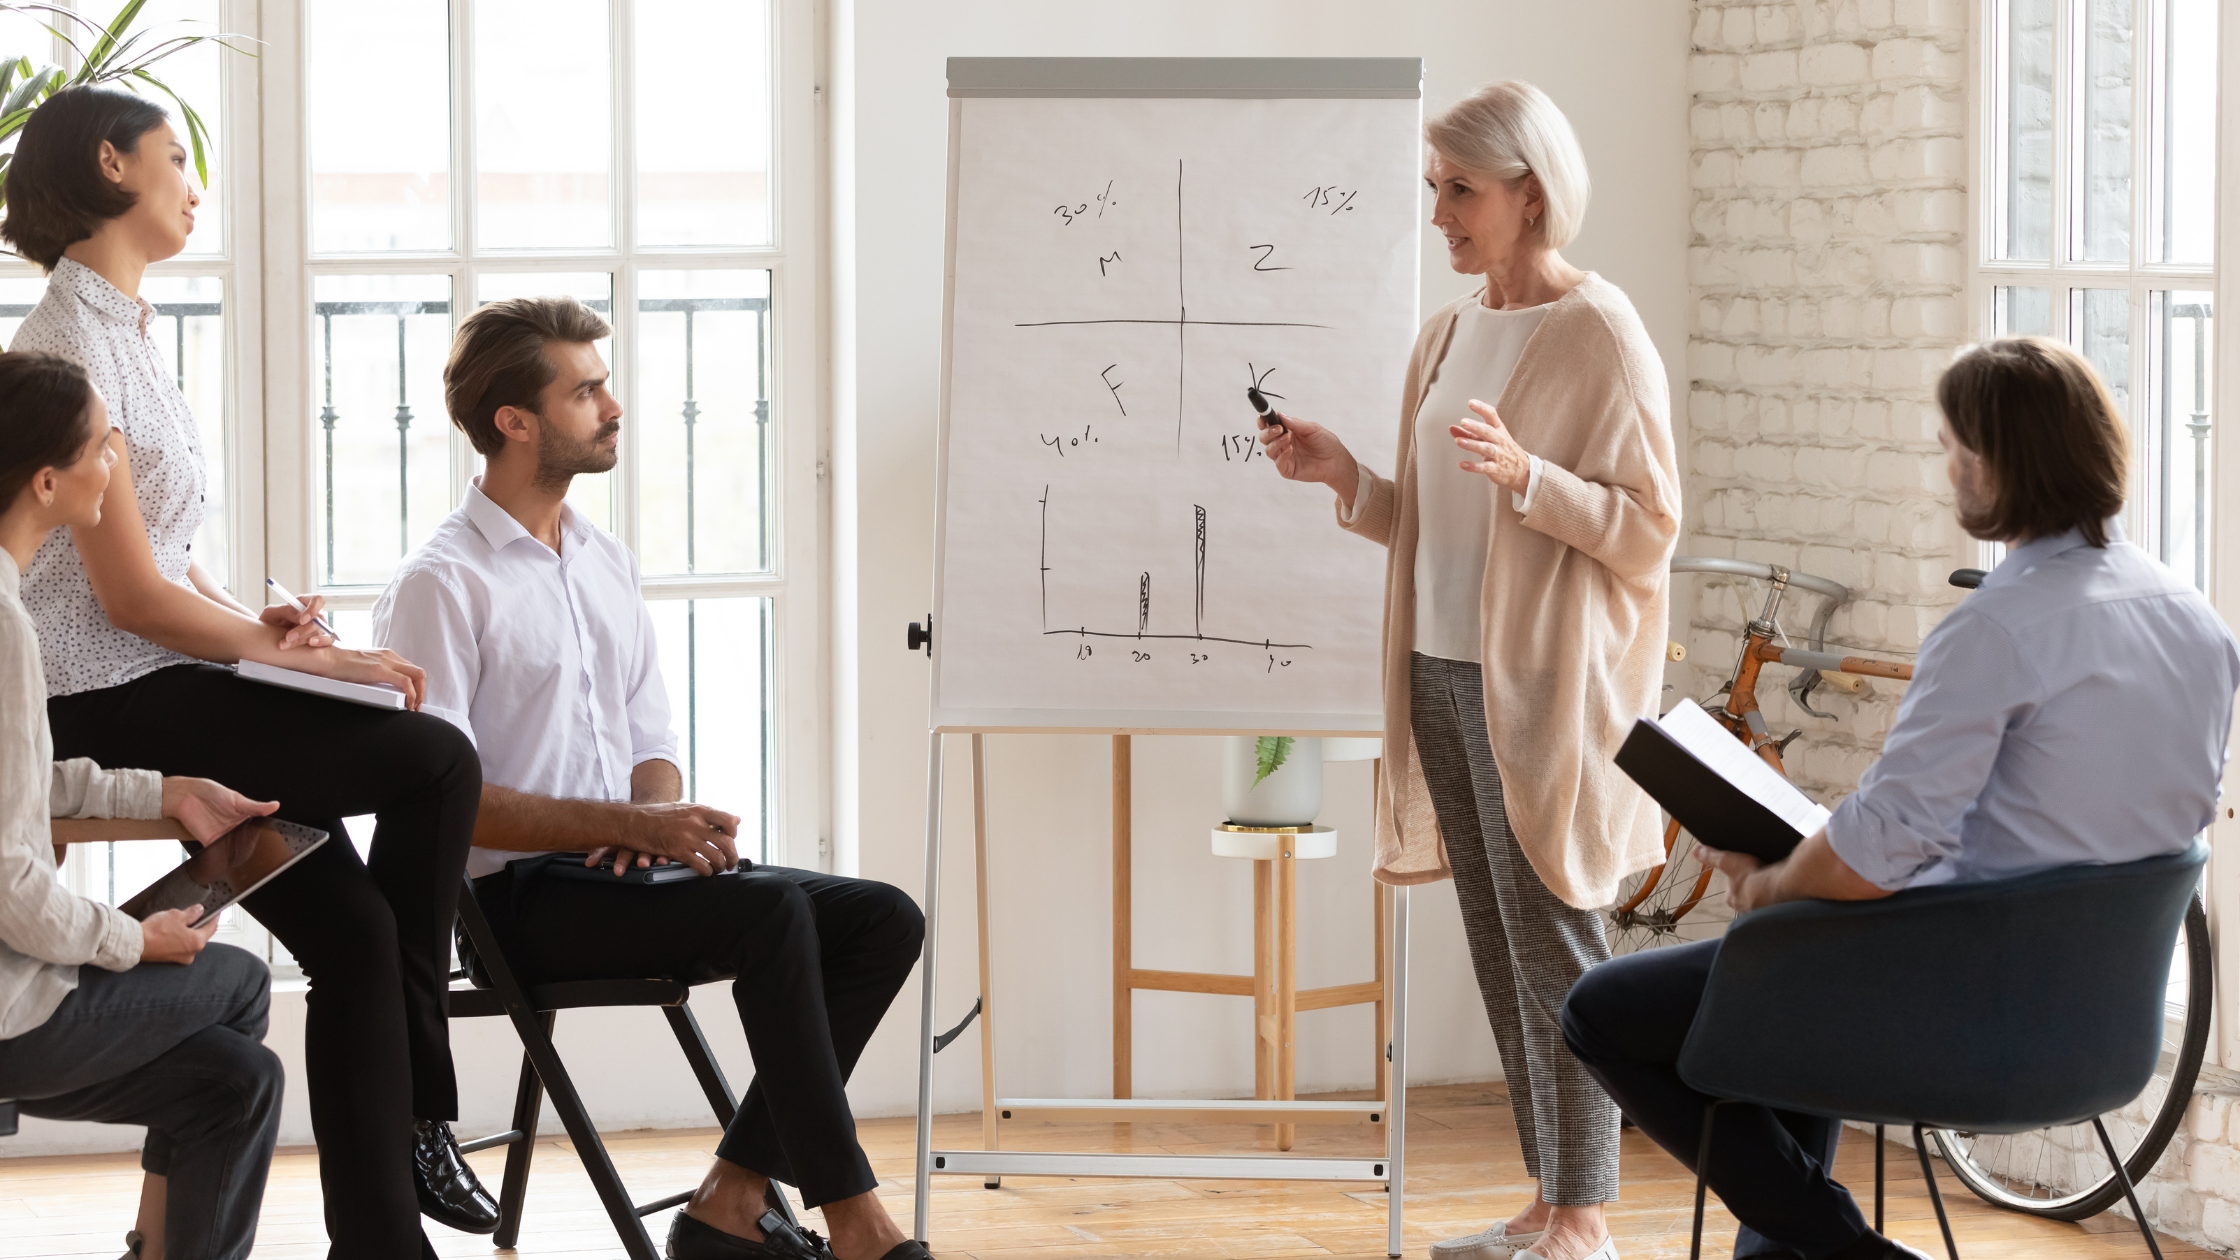 Descubra 5 habilidades profissionais que fazem você se destacar no mercado